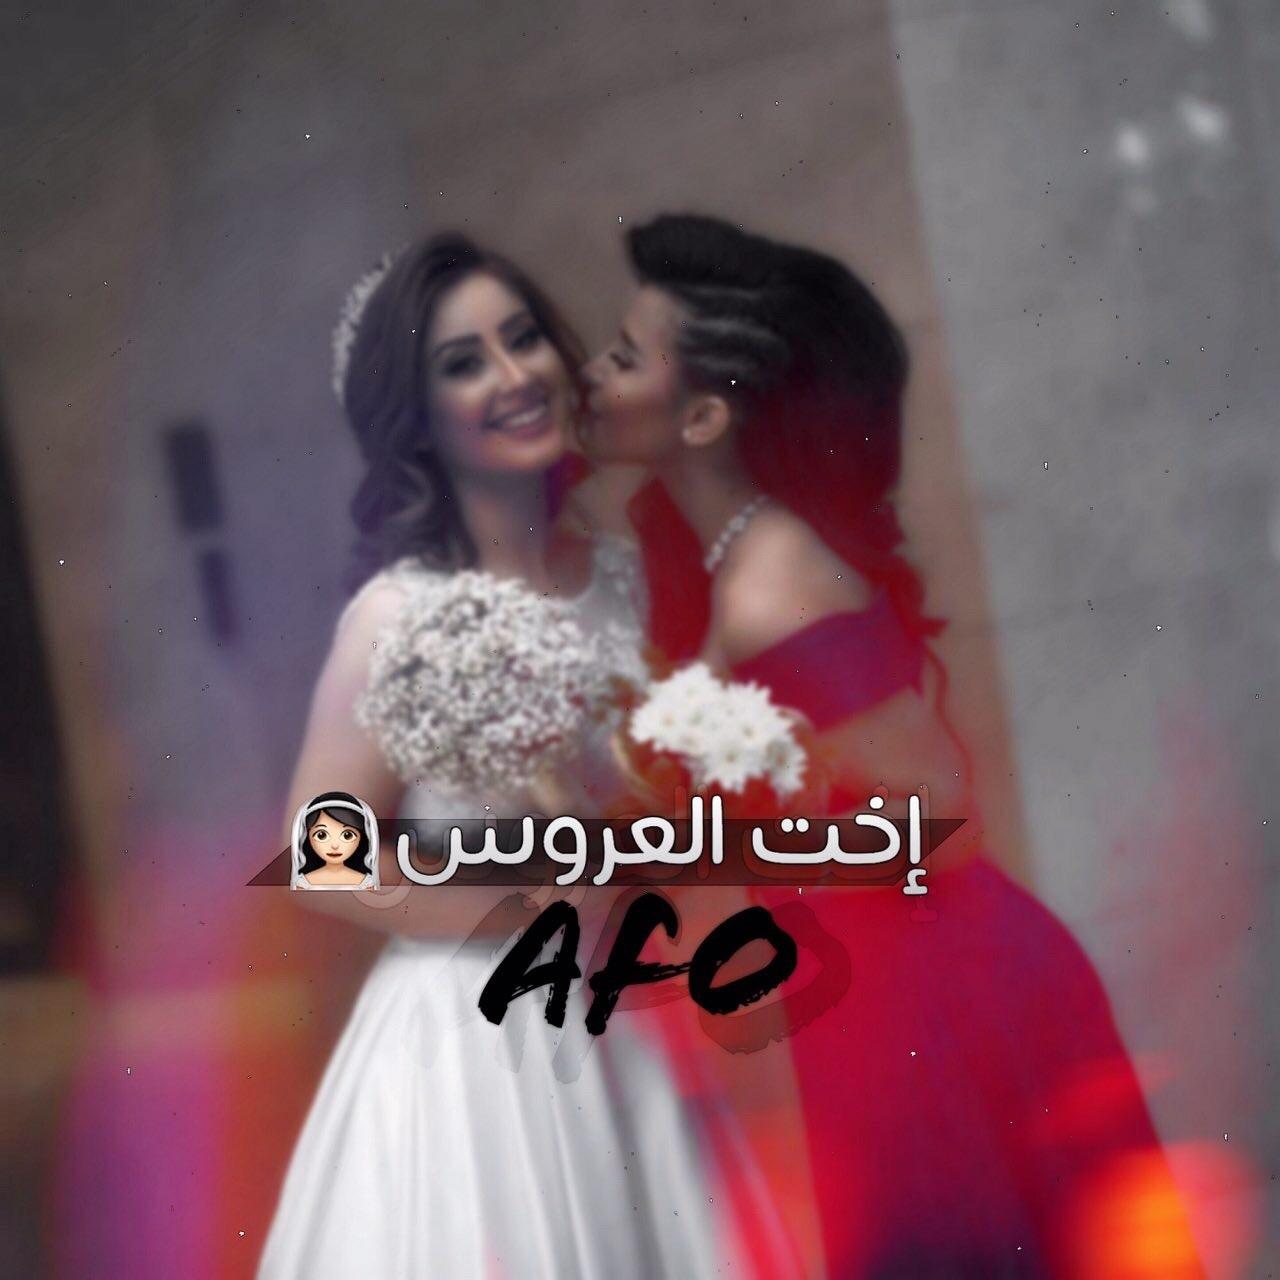 صور مكتوب عليها اخت العروسه 2020 23